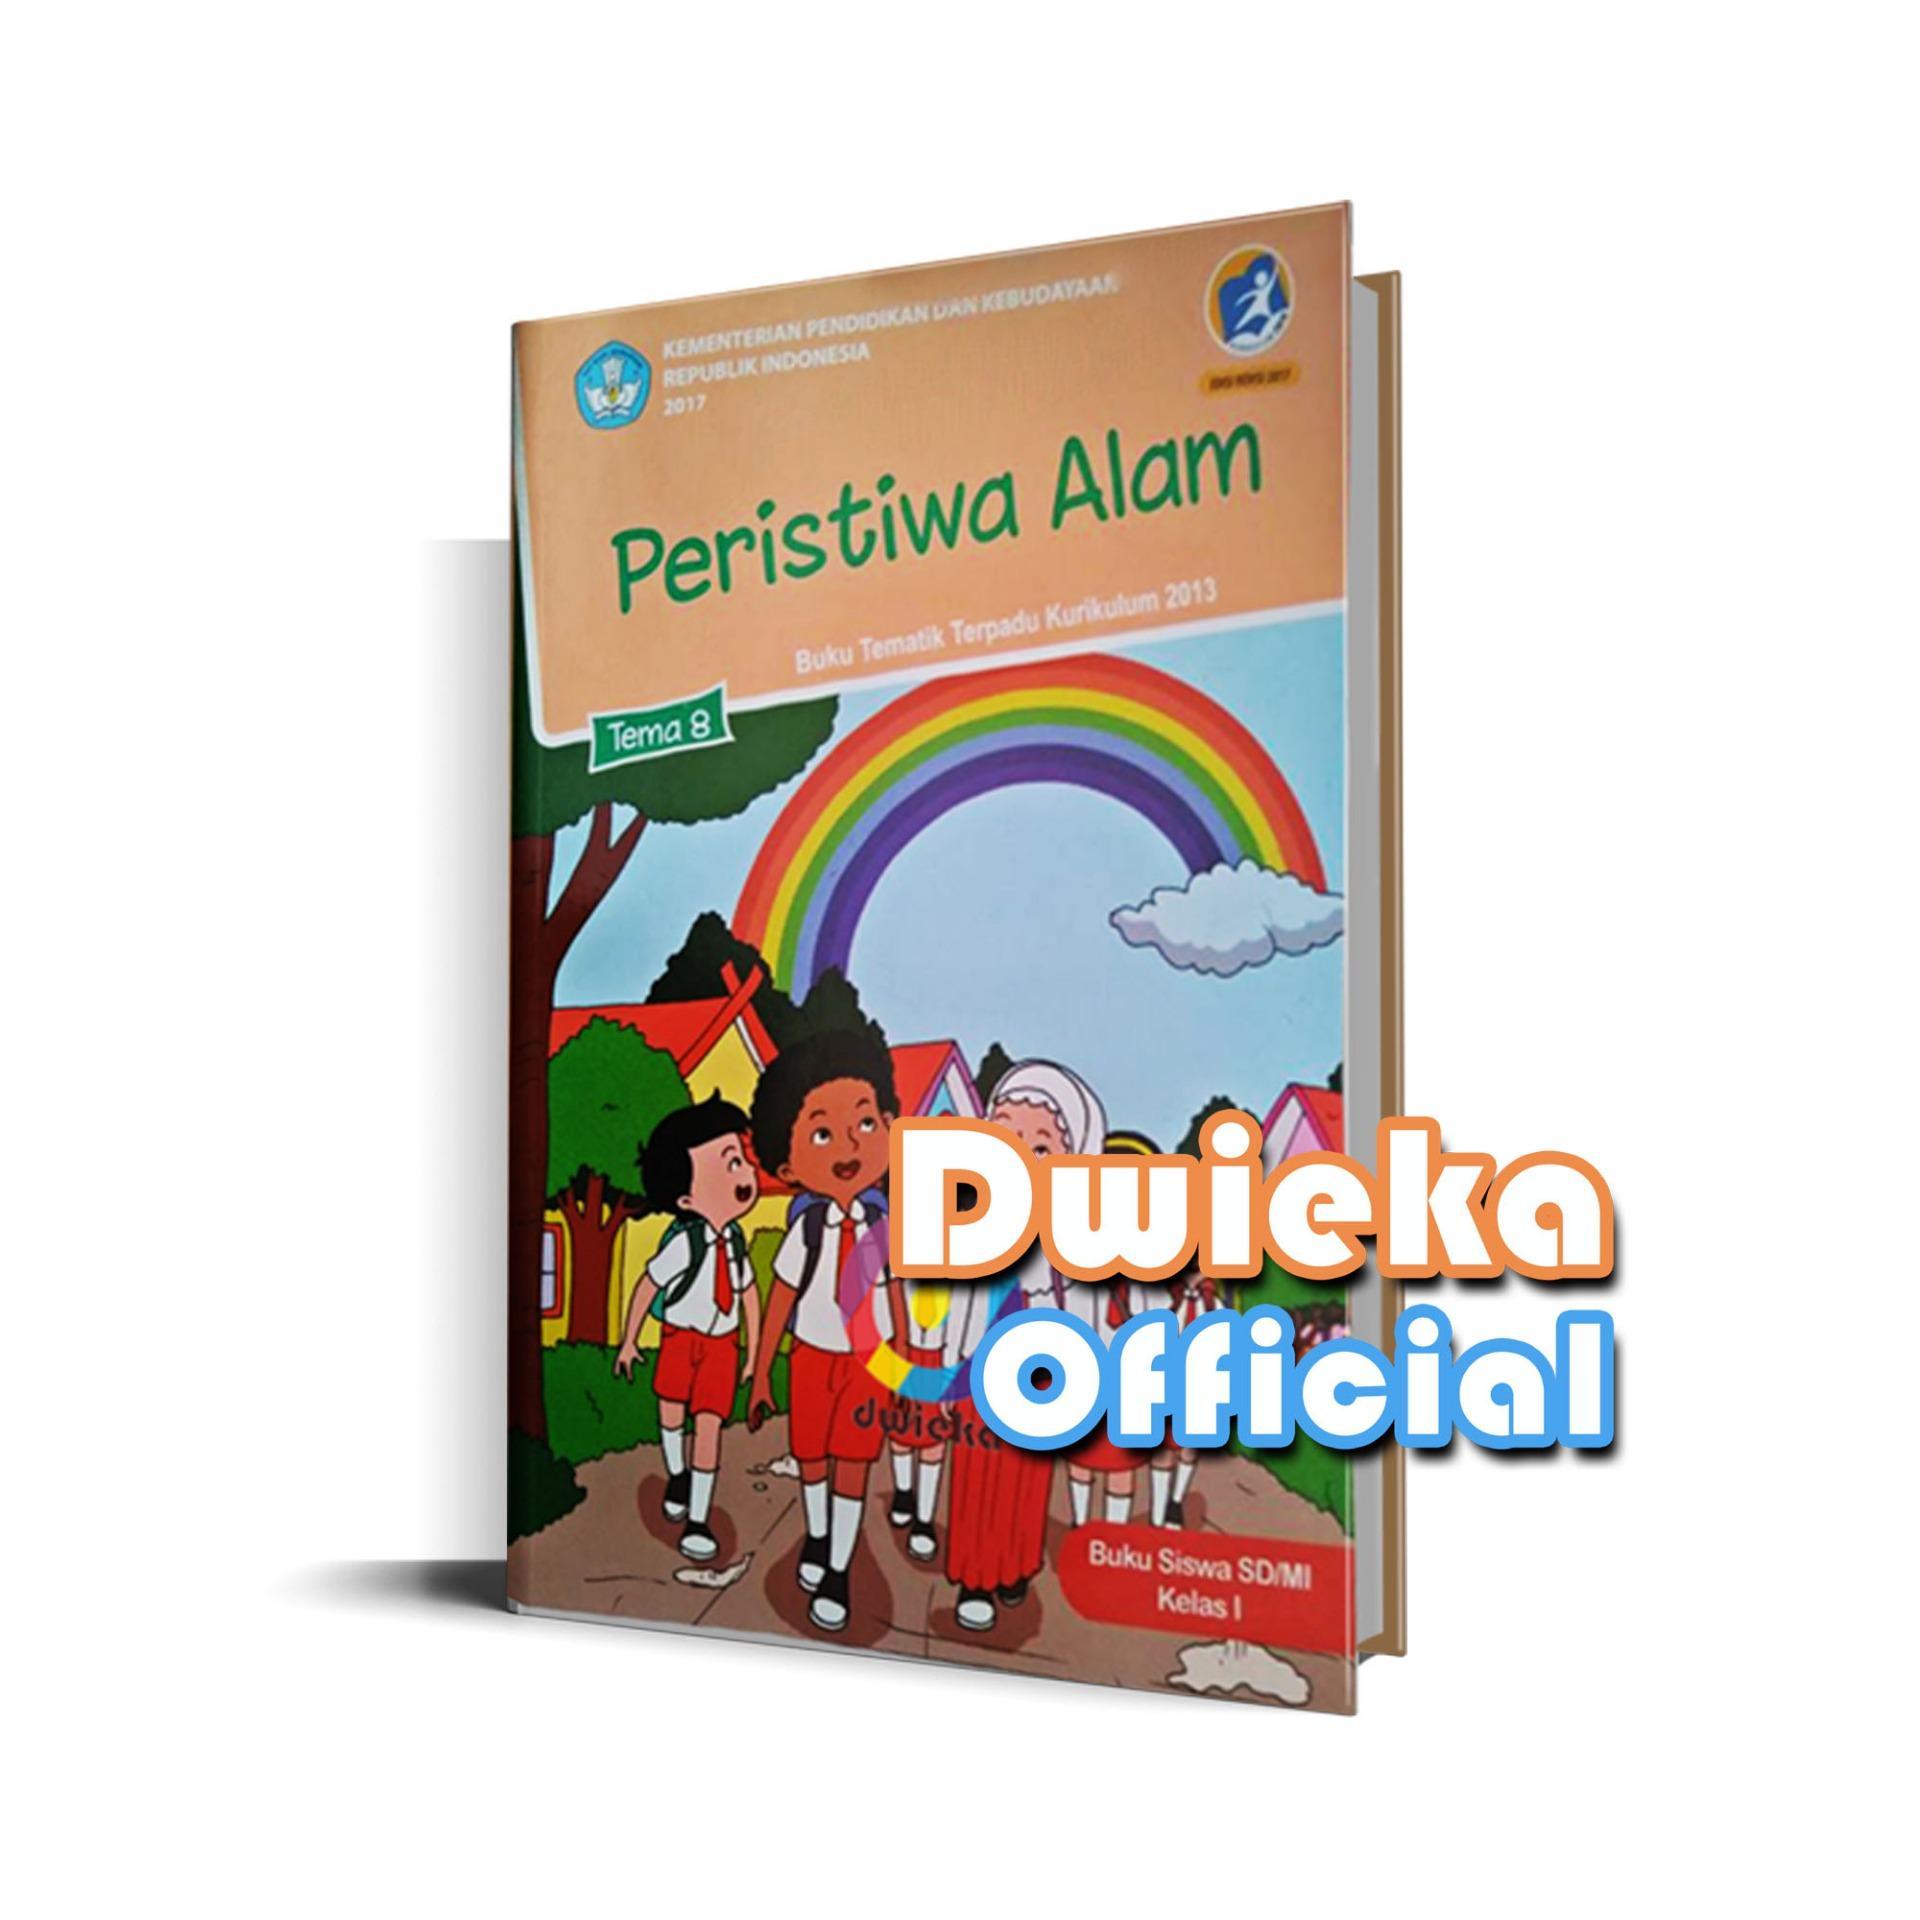 Buku Tematik Kelas 1 Tema 8 Peristiwa Alam By Dwiekaofficial.